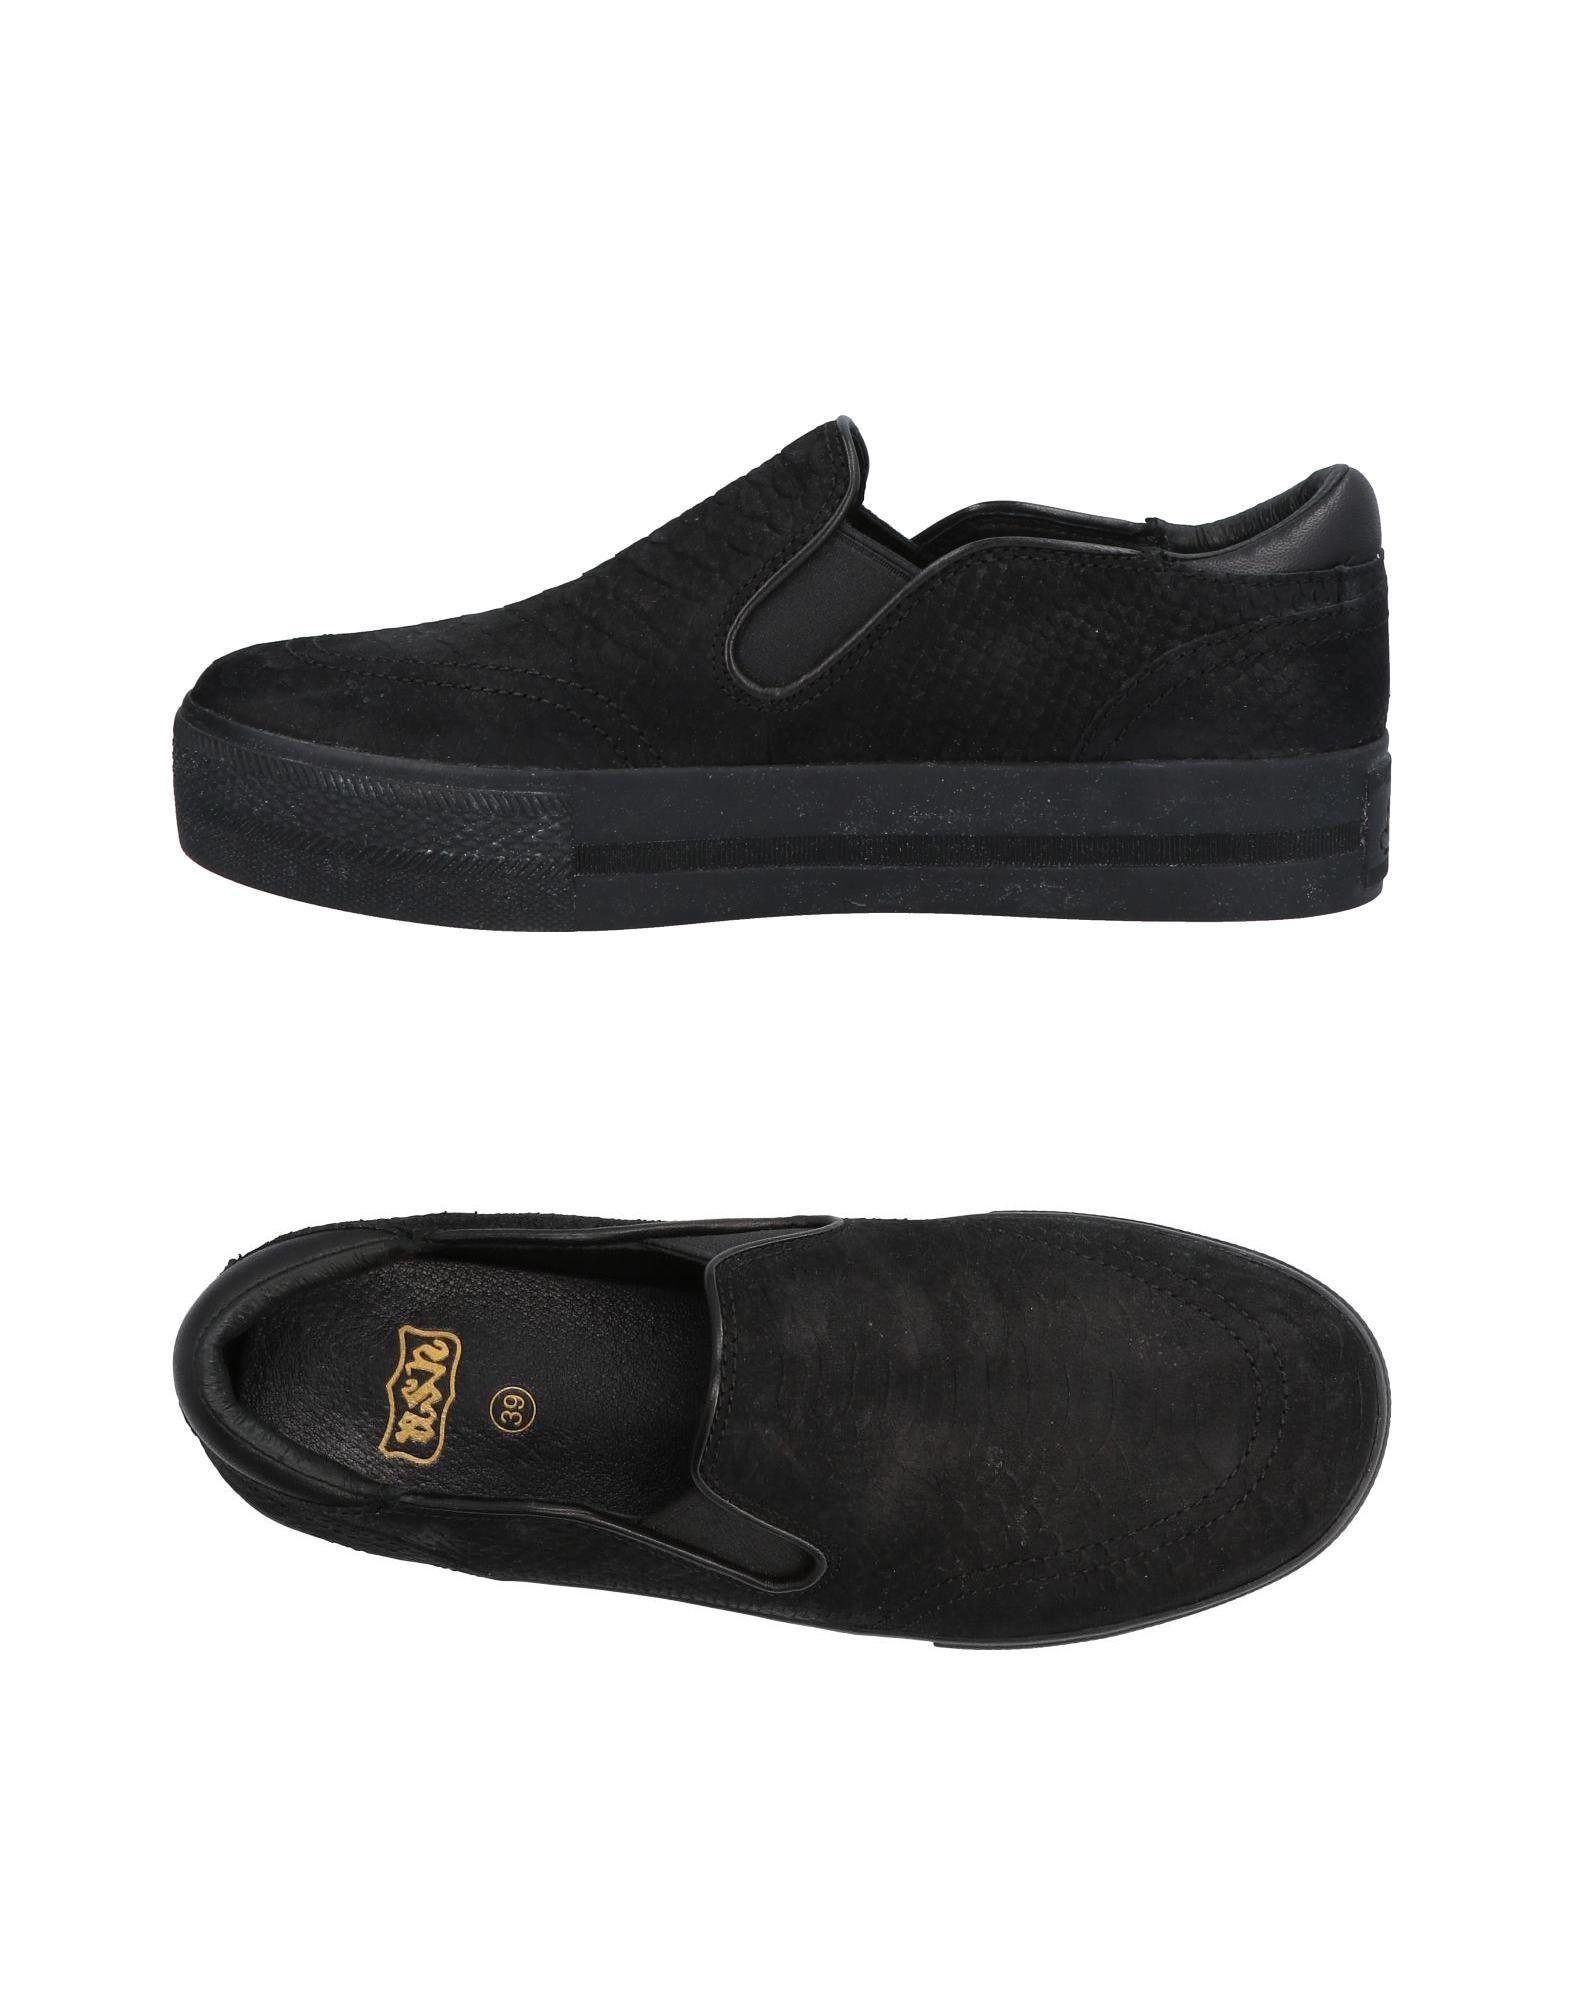 Moda Sneakers Ash Donna 11419829HM - 11419829HM Donna 4f1a6c